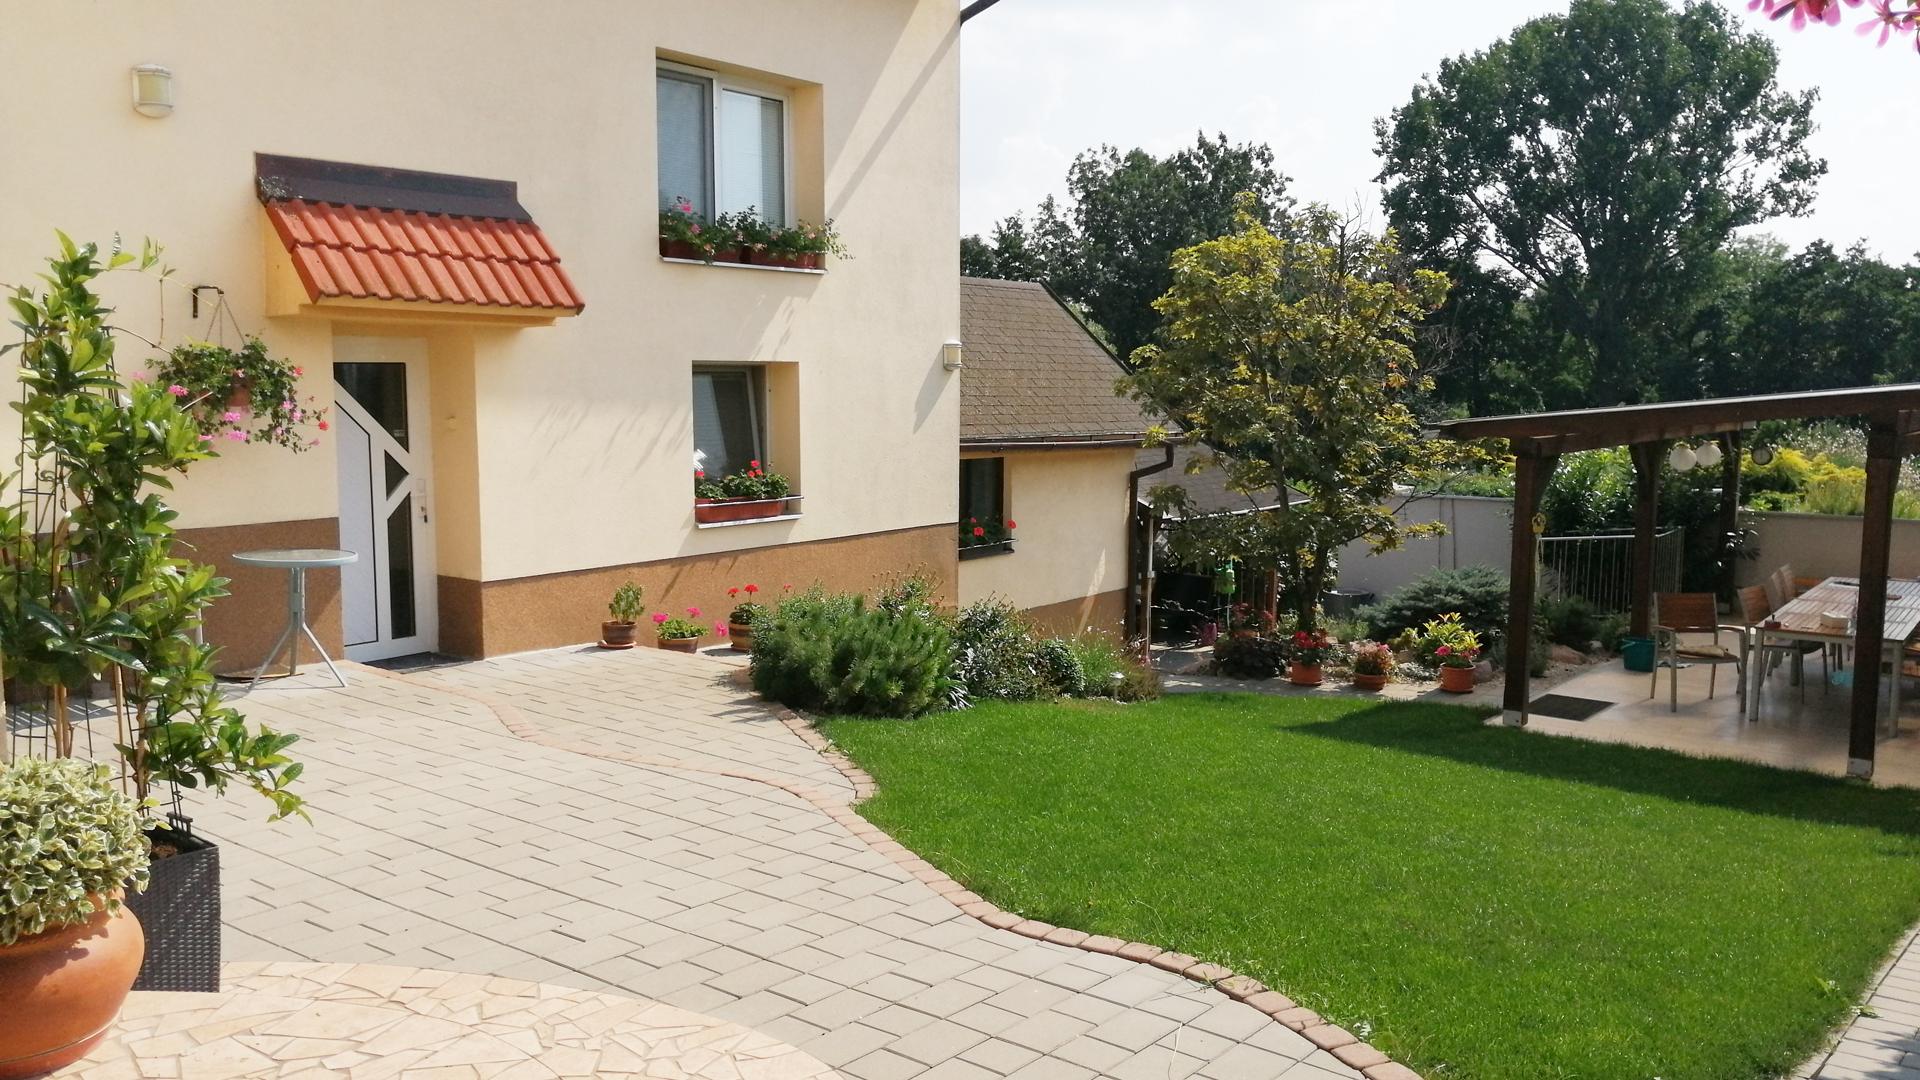 Rodinný dom, 9 izbový, krytý bazén a veľká záhrada, Blatné